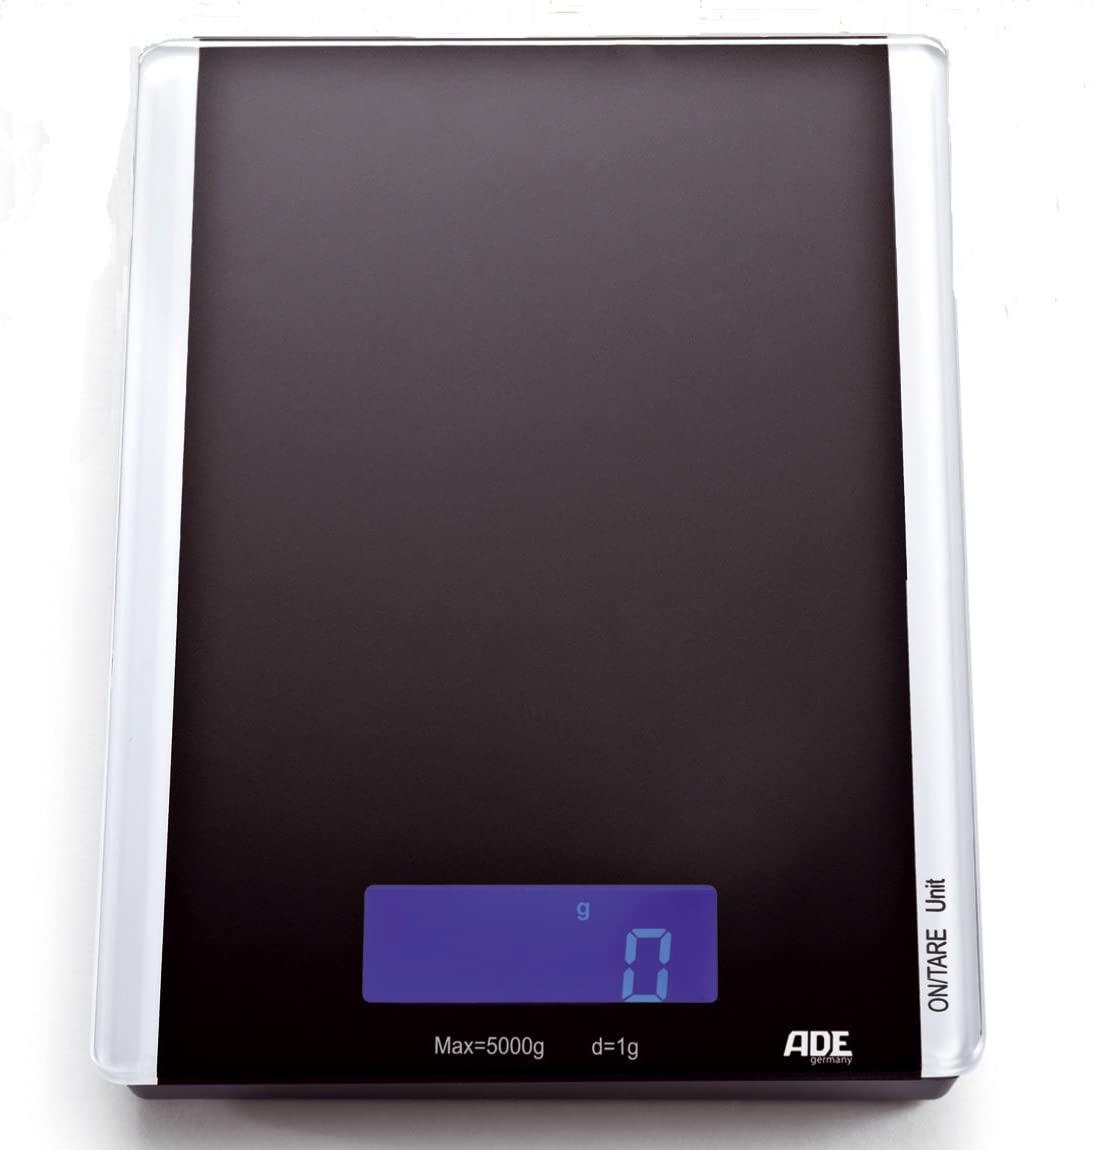 ADE Annica Digitale Küchenwaage (Höchstlast 5kg, Einteilung 1g, Tara-Funktion, Glasfläche, blau beleuchtetes Display, AAA-Batterie)